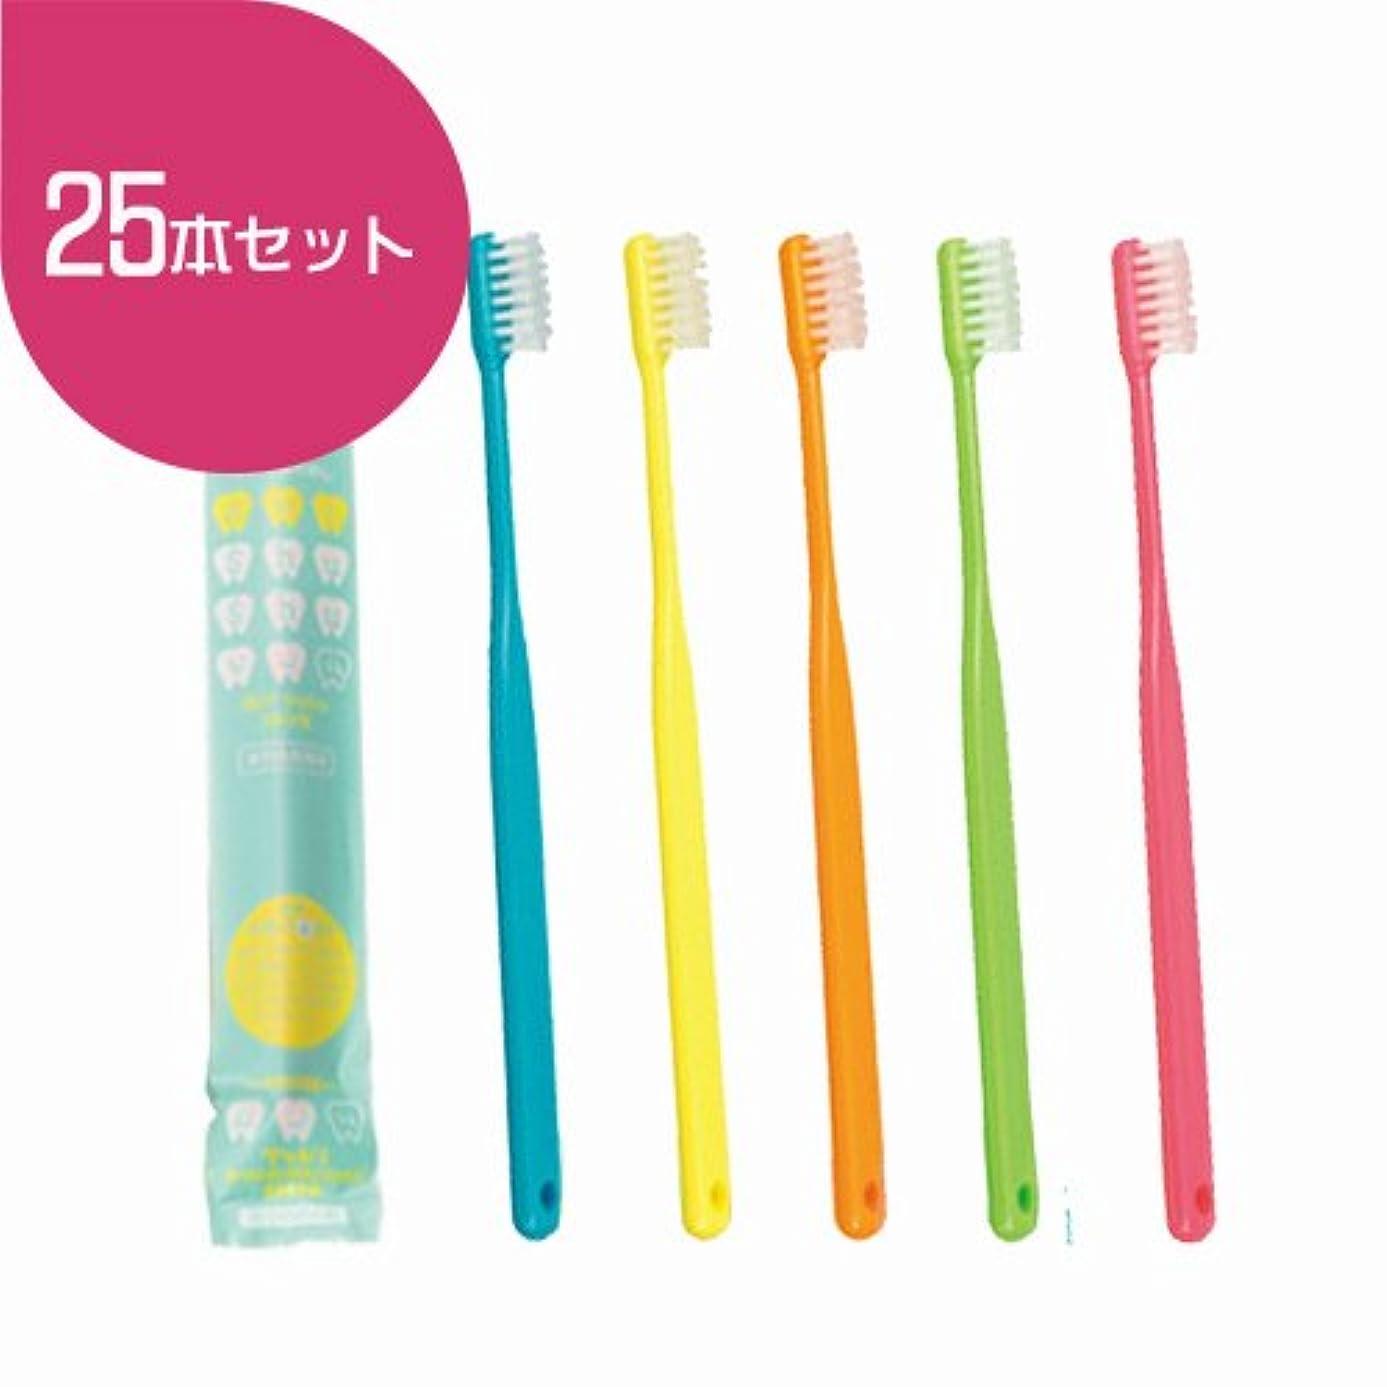 養うインチ匹敵しますFEED(フィード) 占い!Shu Shu(うらないシュシュ)歯ブラシ×25本 (ふつう(M), 色はおまかせ)